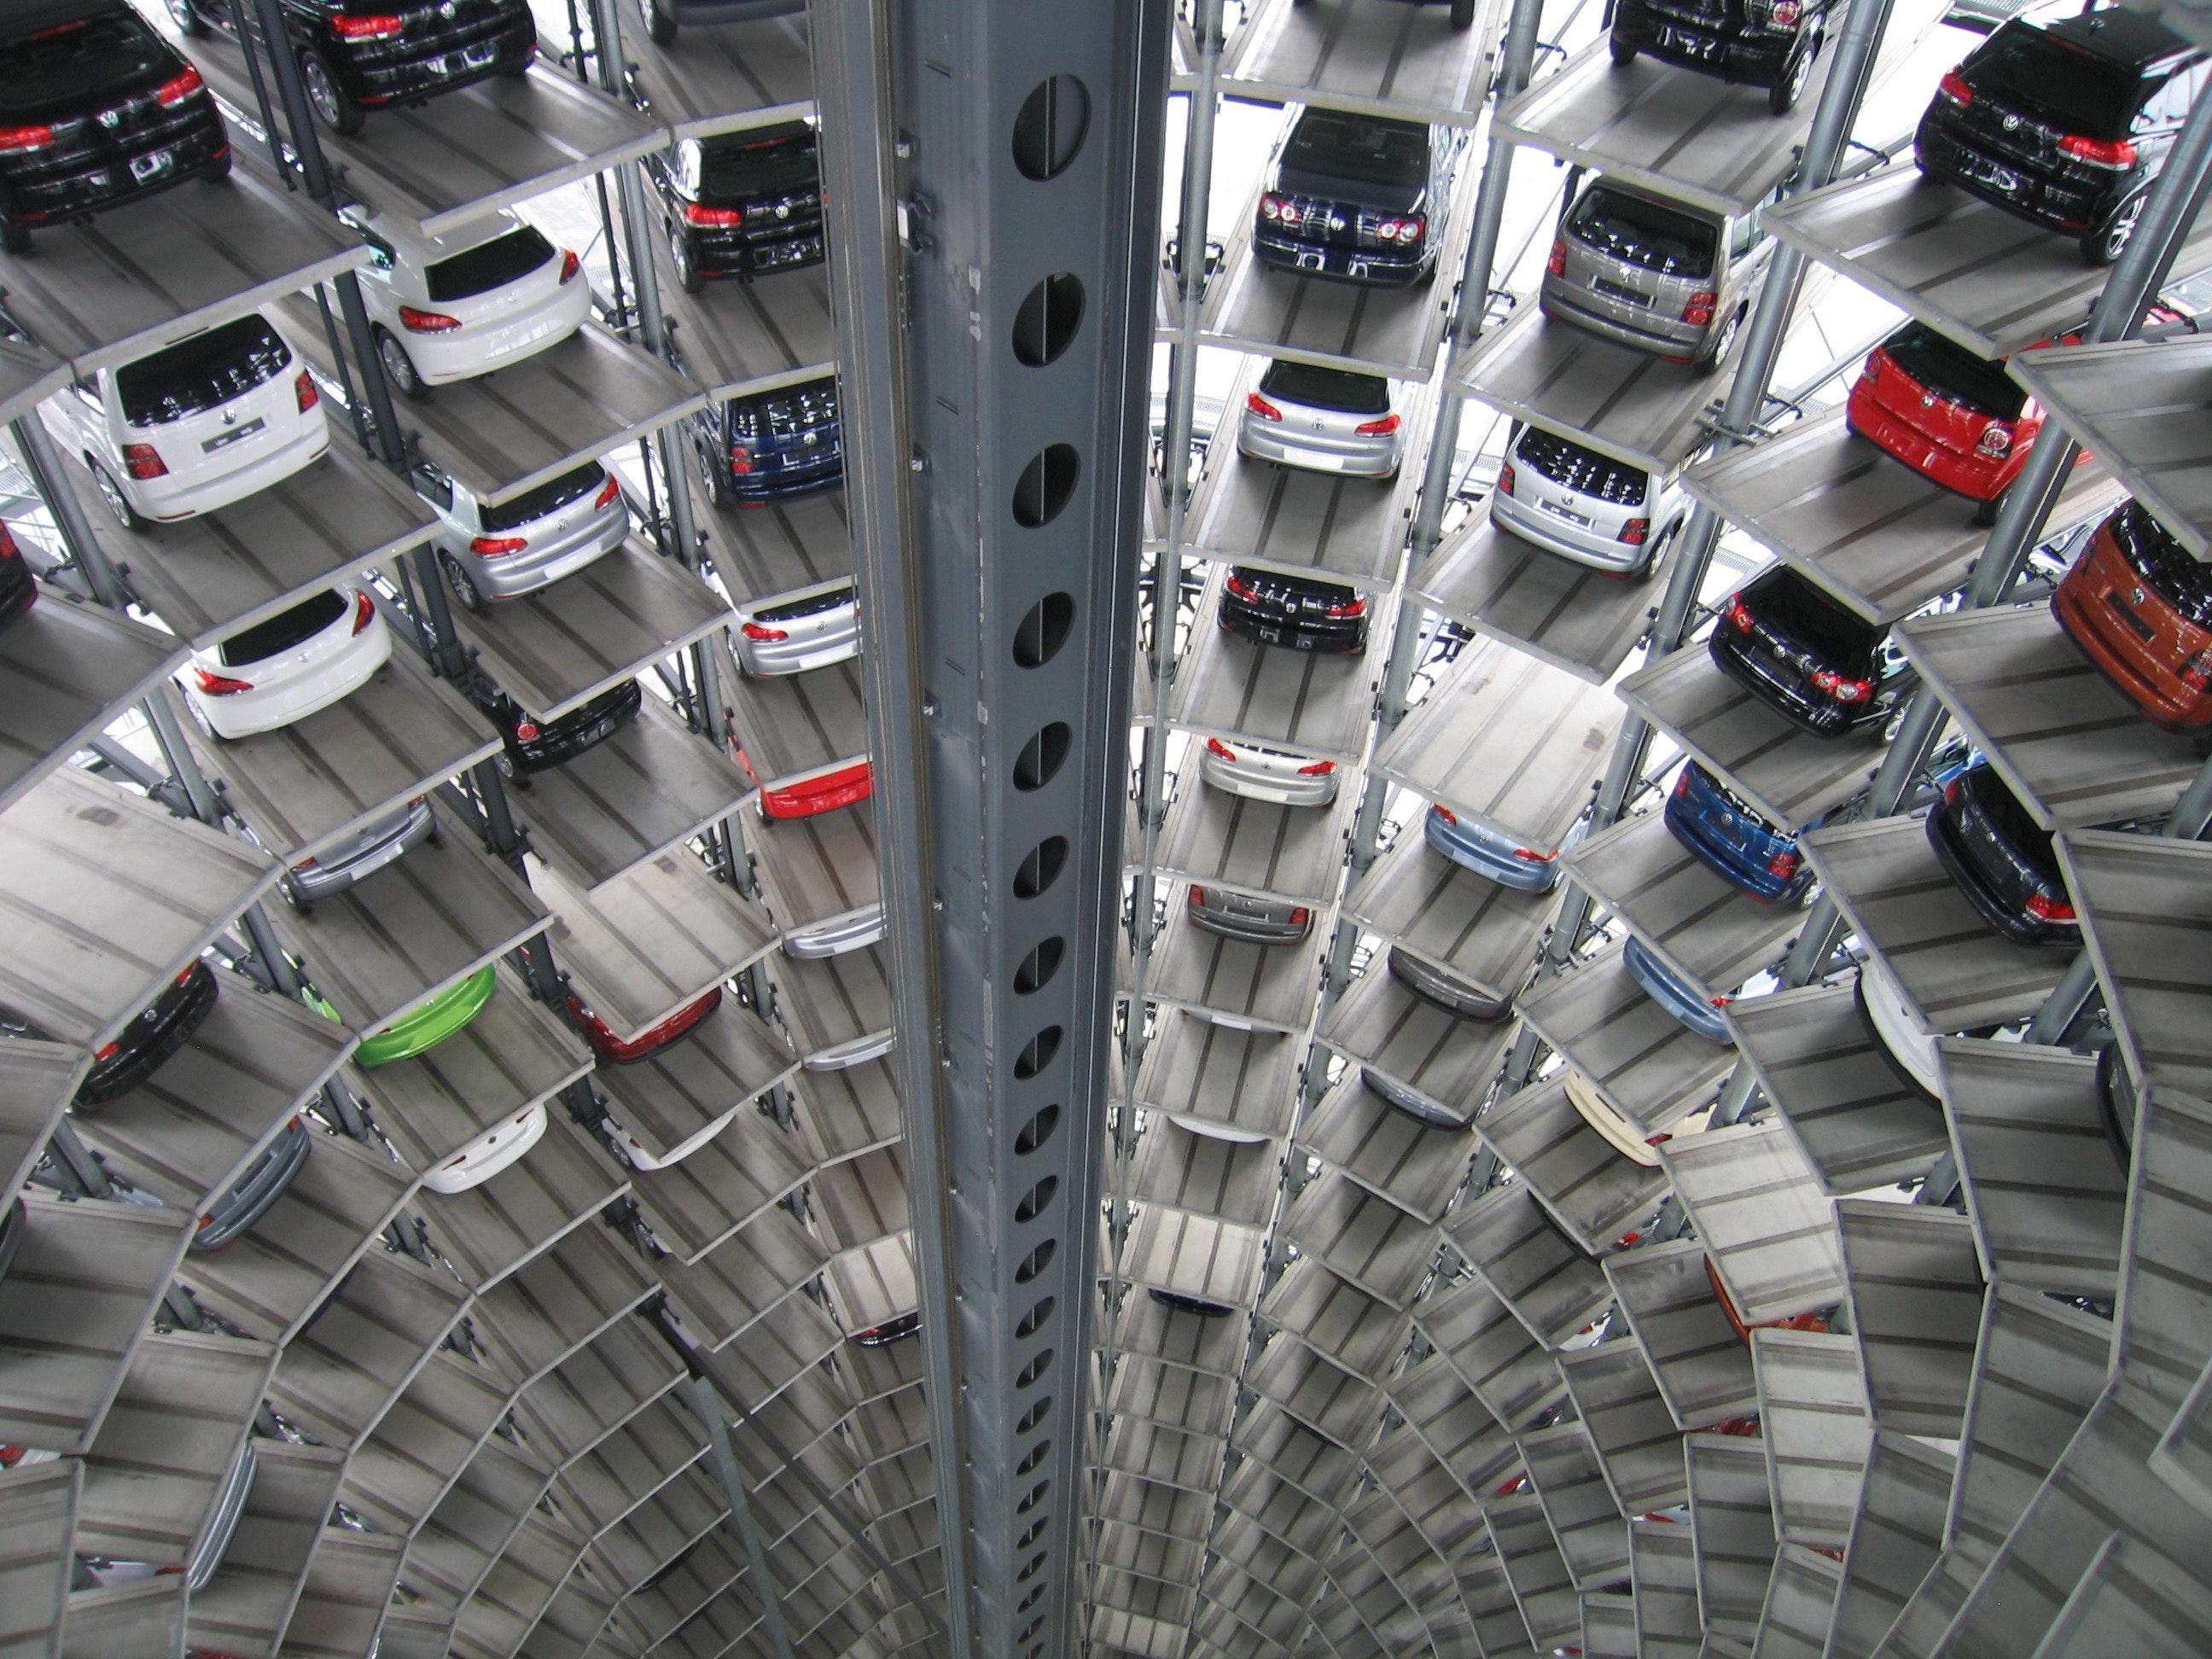 0416 automakerswillneedmonths